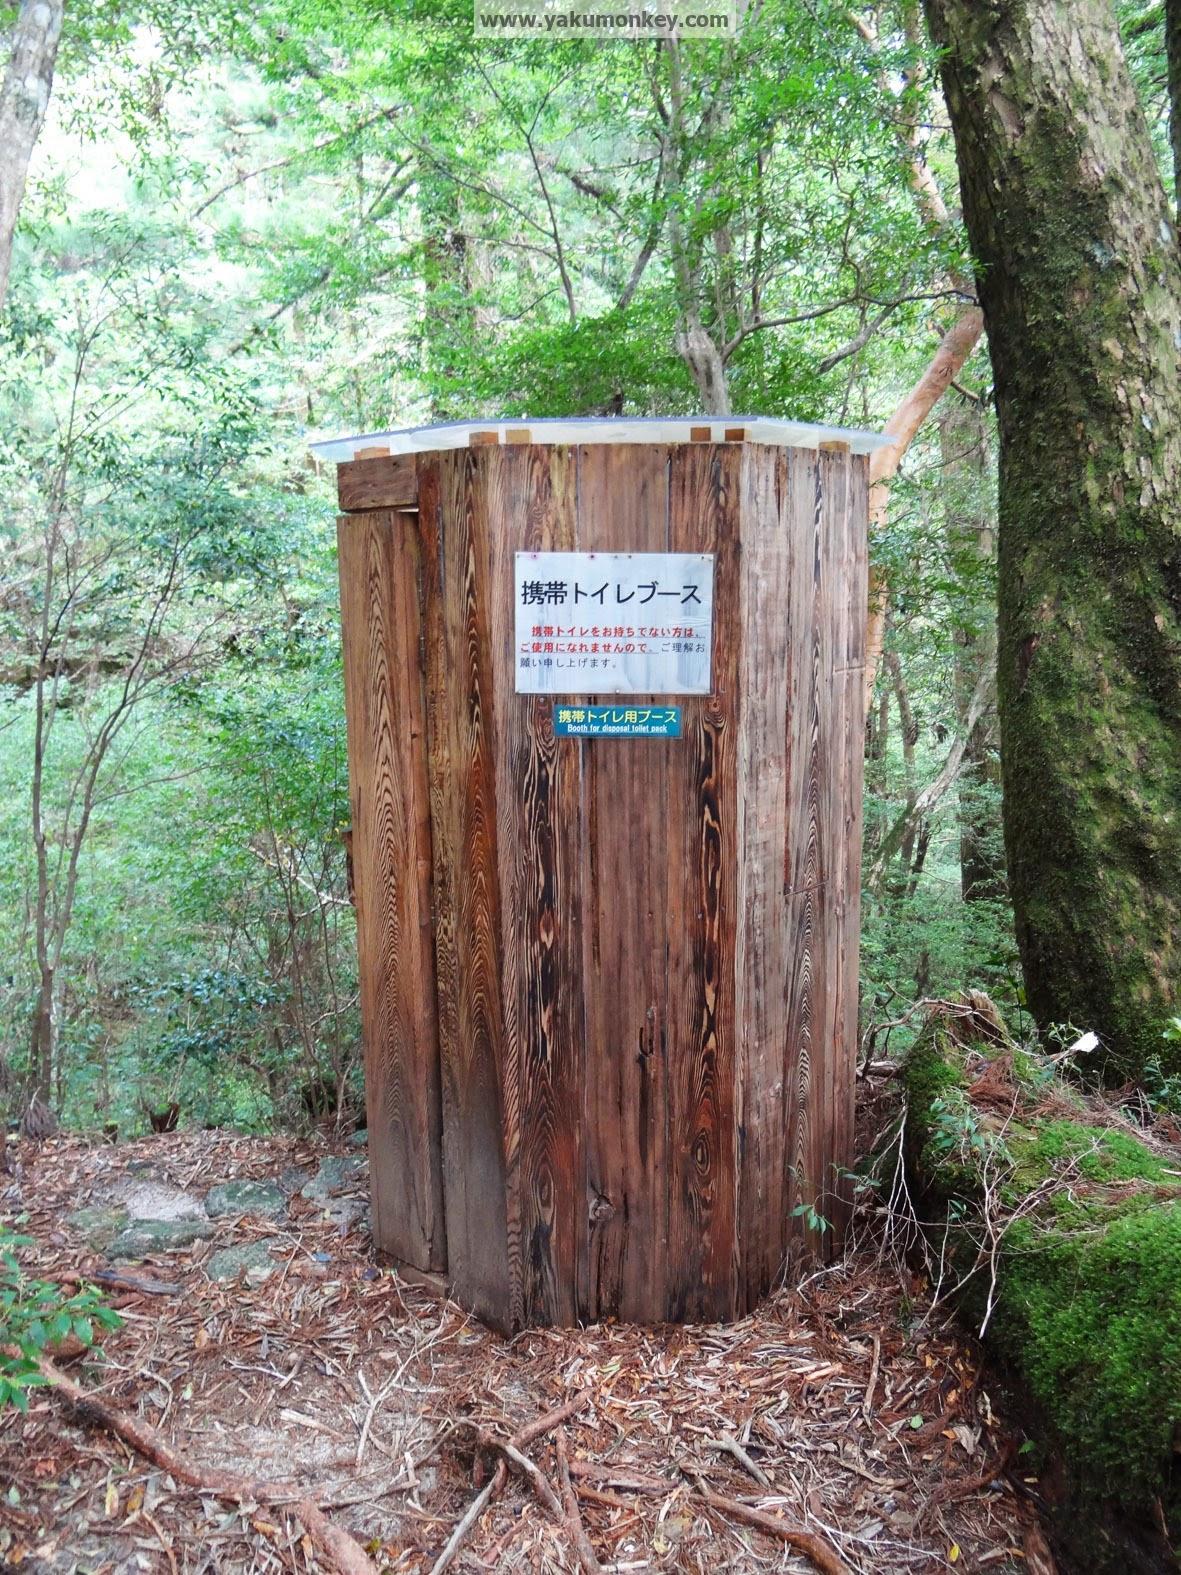 Yakushima Yakusugi toilet